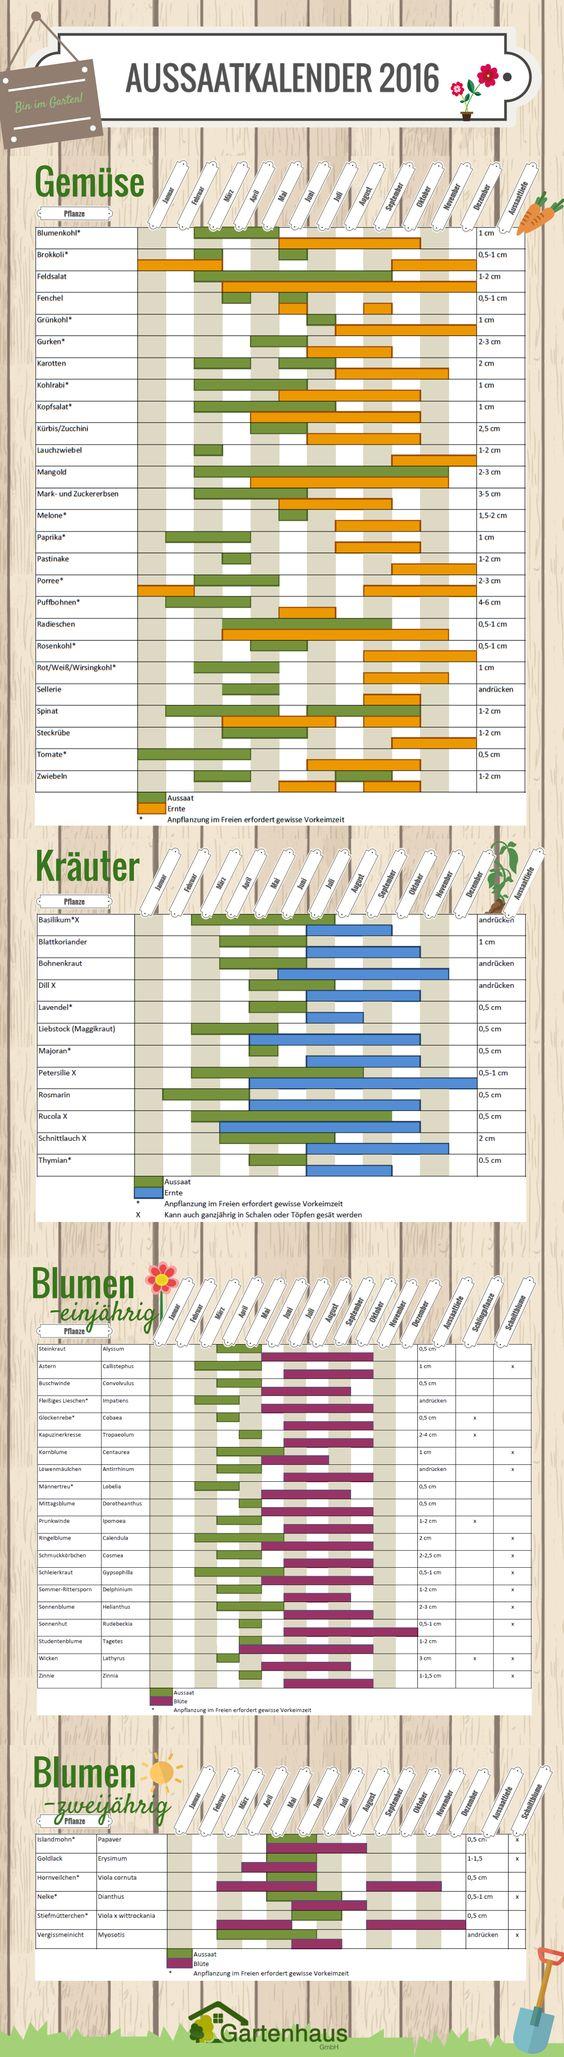 Aussaatkalender 2016: Was Müssen Sie Wann Pflanzen? | Marketing ... Kuchen Garten Urban Cultivator Gewurze